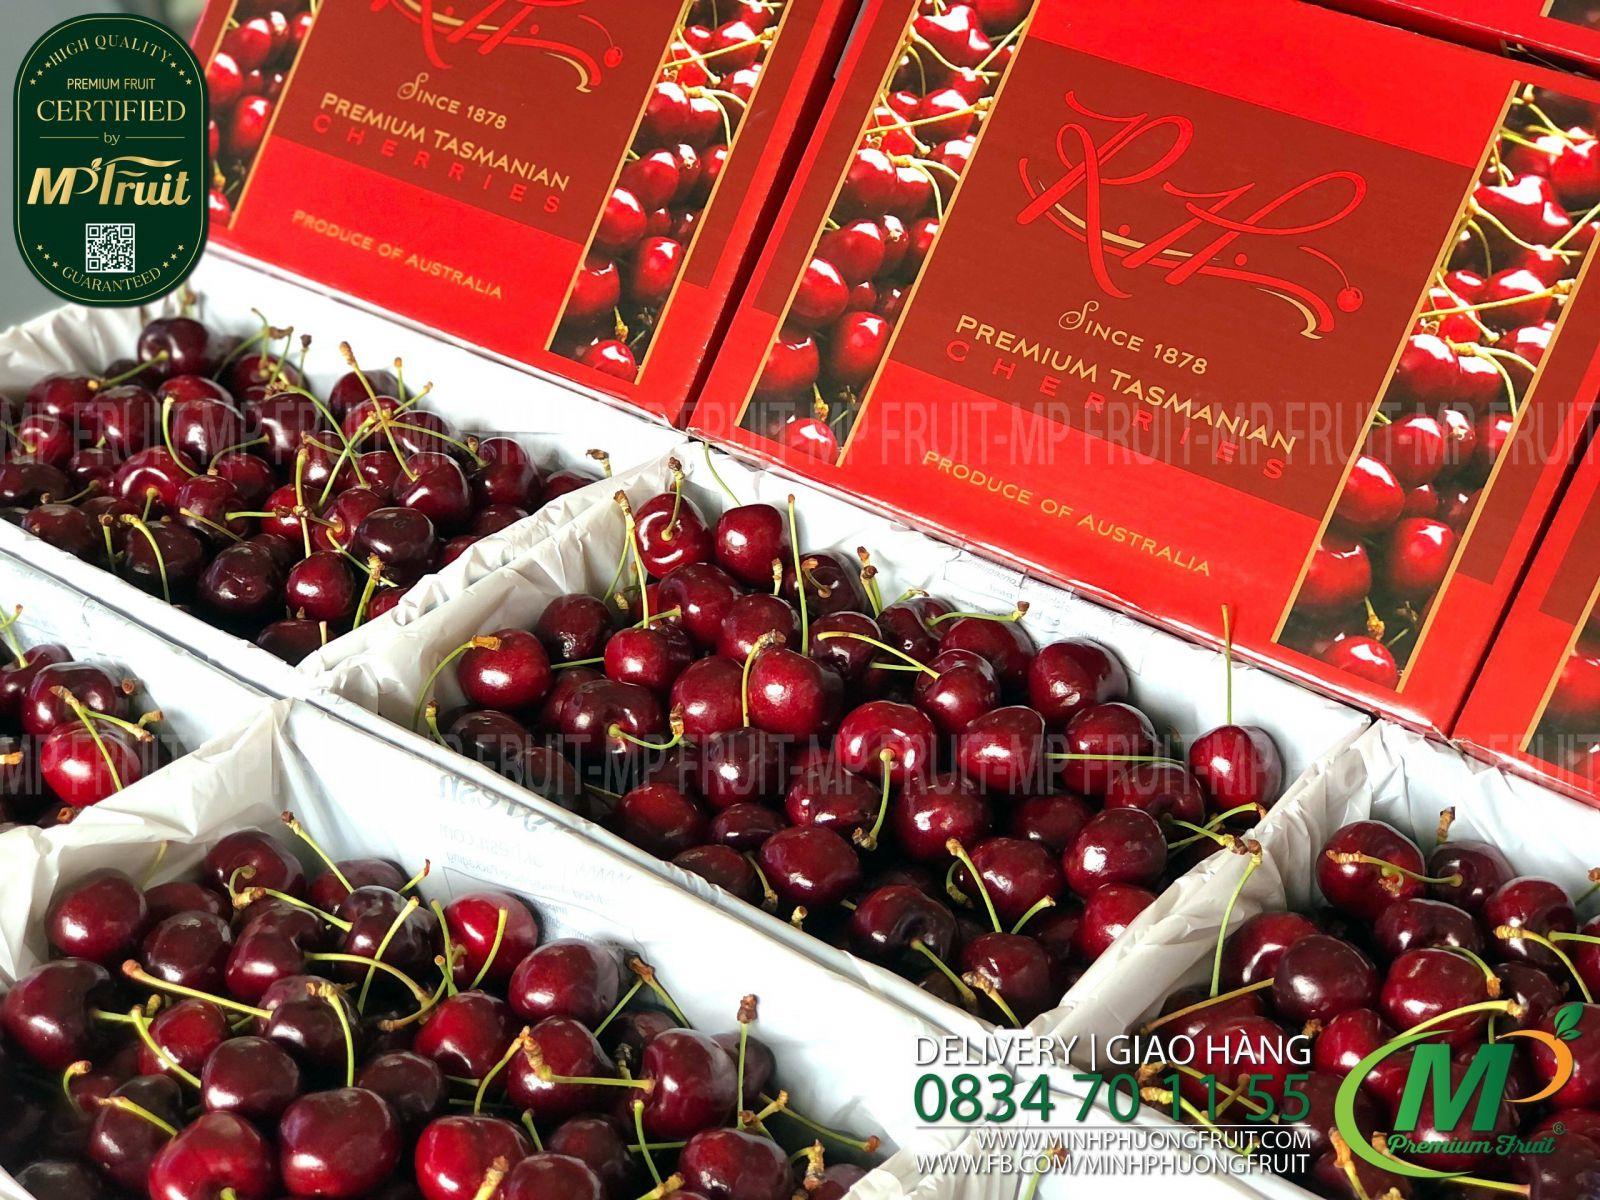 Cherry Đỏ Tasmania Size 32-34 RH Since 1878 thương hiệu lâu năm của Úc tại MP Fruit